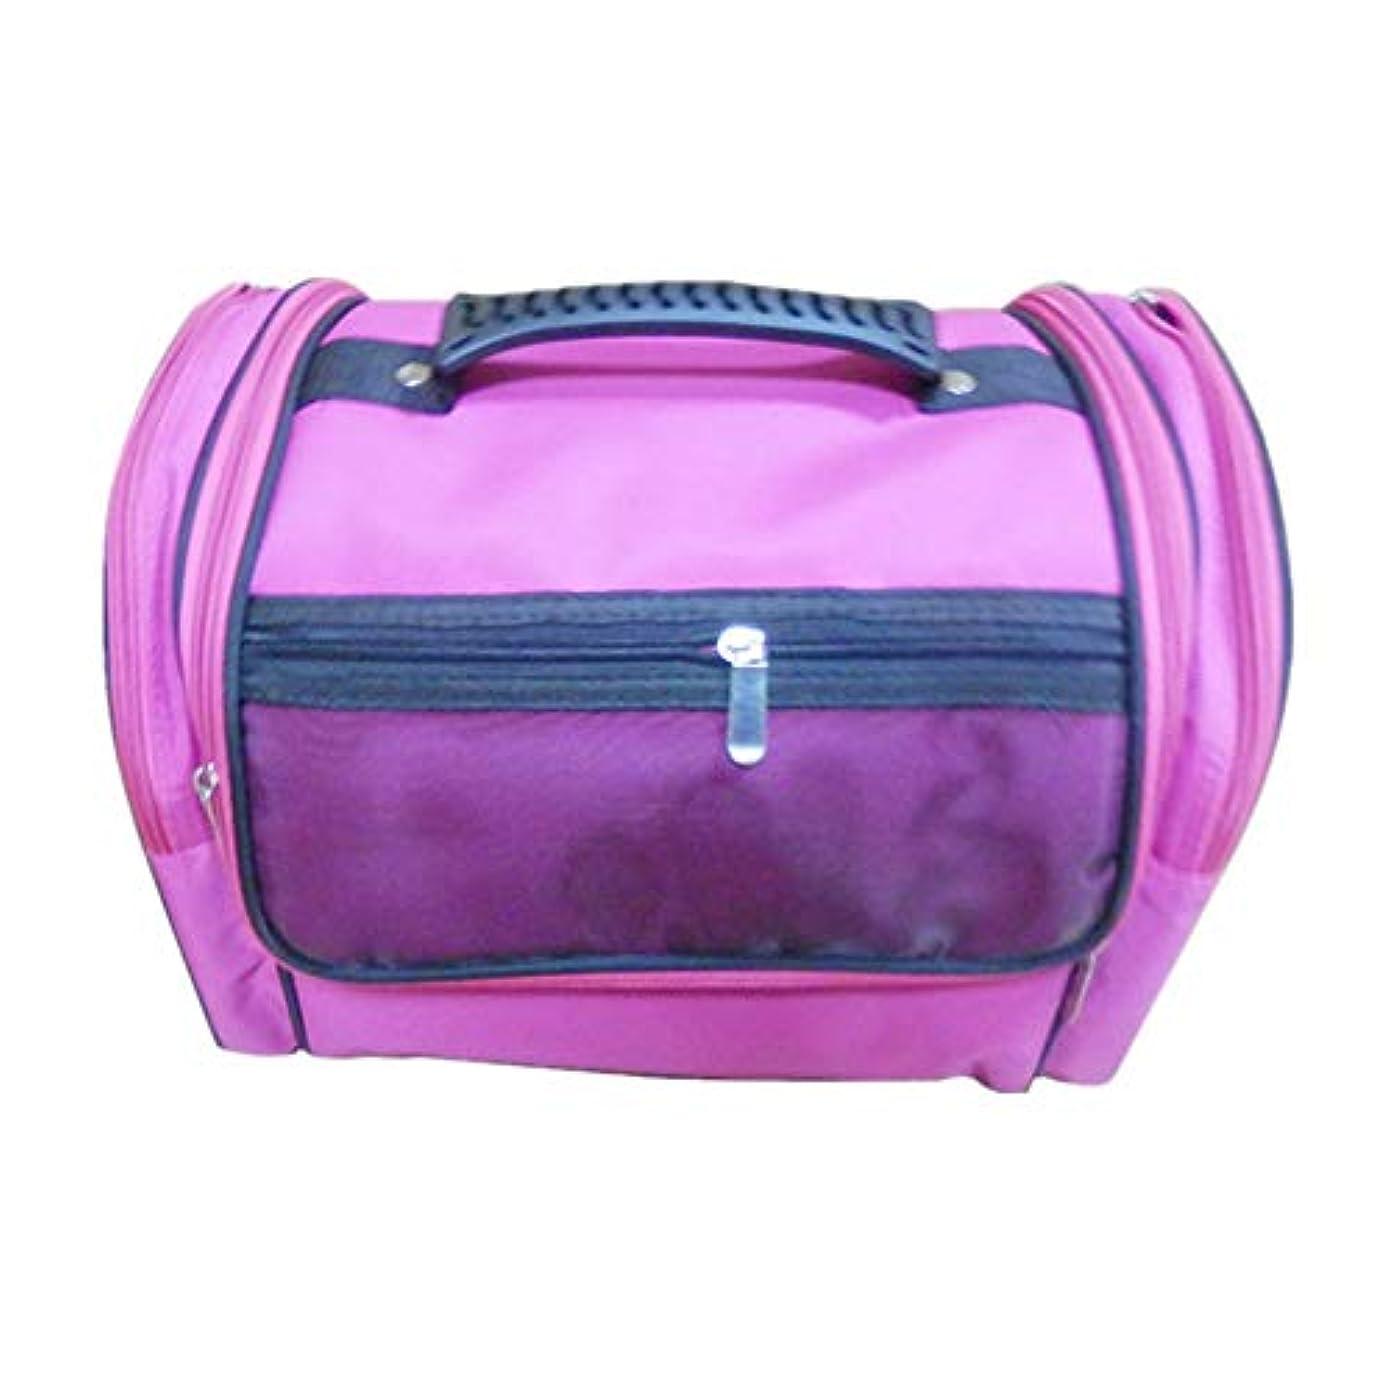 インフレーション夜明けに平和的化粧オーガナイザーバッグ 高容量カジュアルポータ??ブルキャンバス化粧品バッグ旅行のための美容メイクアップとジッパーで毎日のストレージ 化粧品ケース